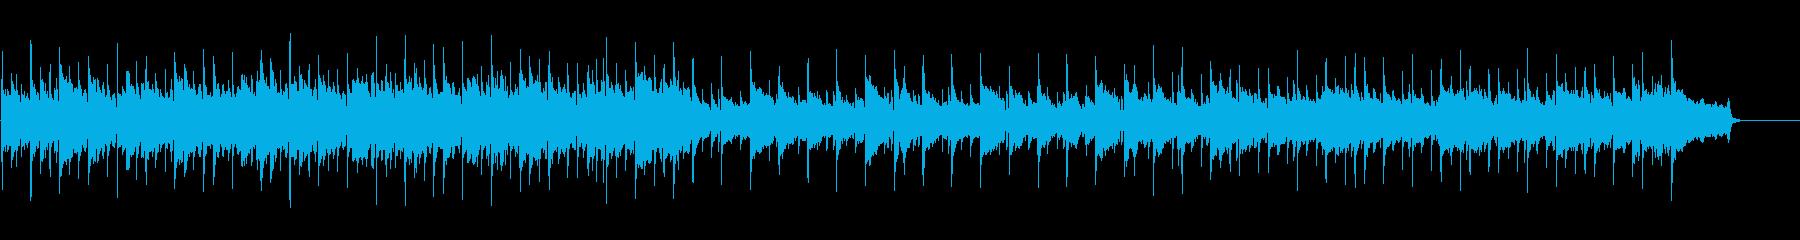 小さく聞こえるサックスの穏やかバンド曲の再生済みの波形